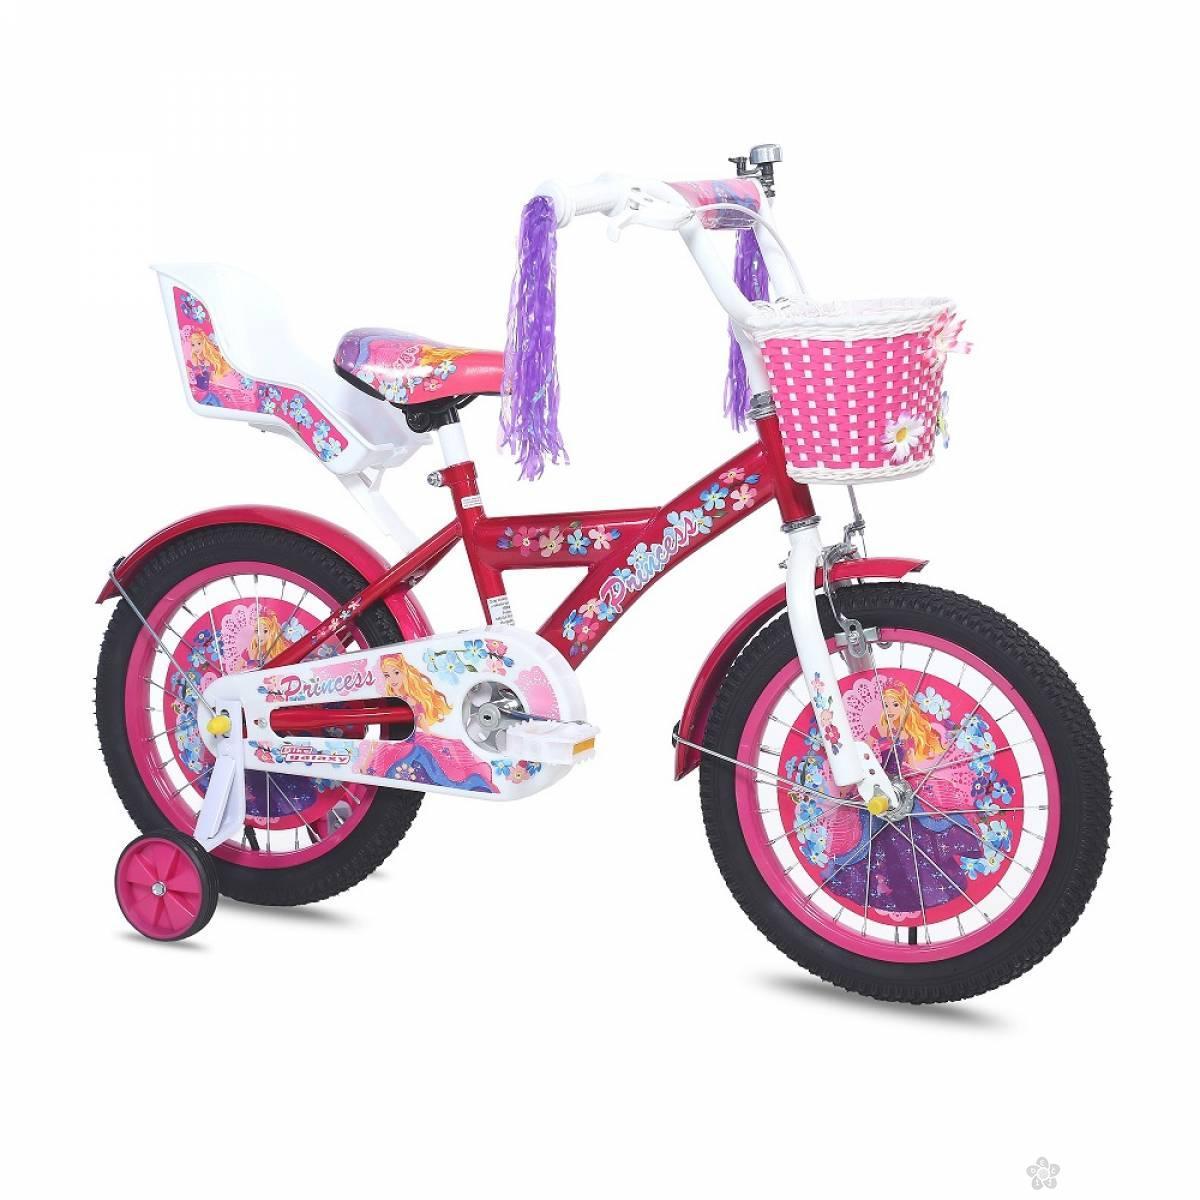 Dečiji Bicikl Princess 16 roza 460142